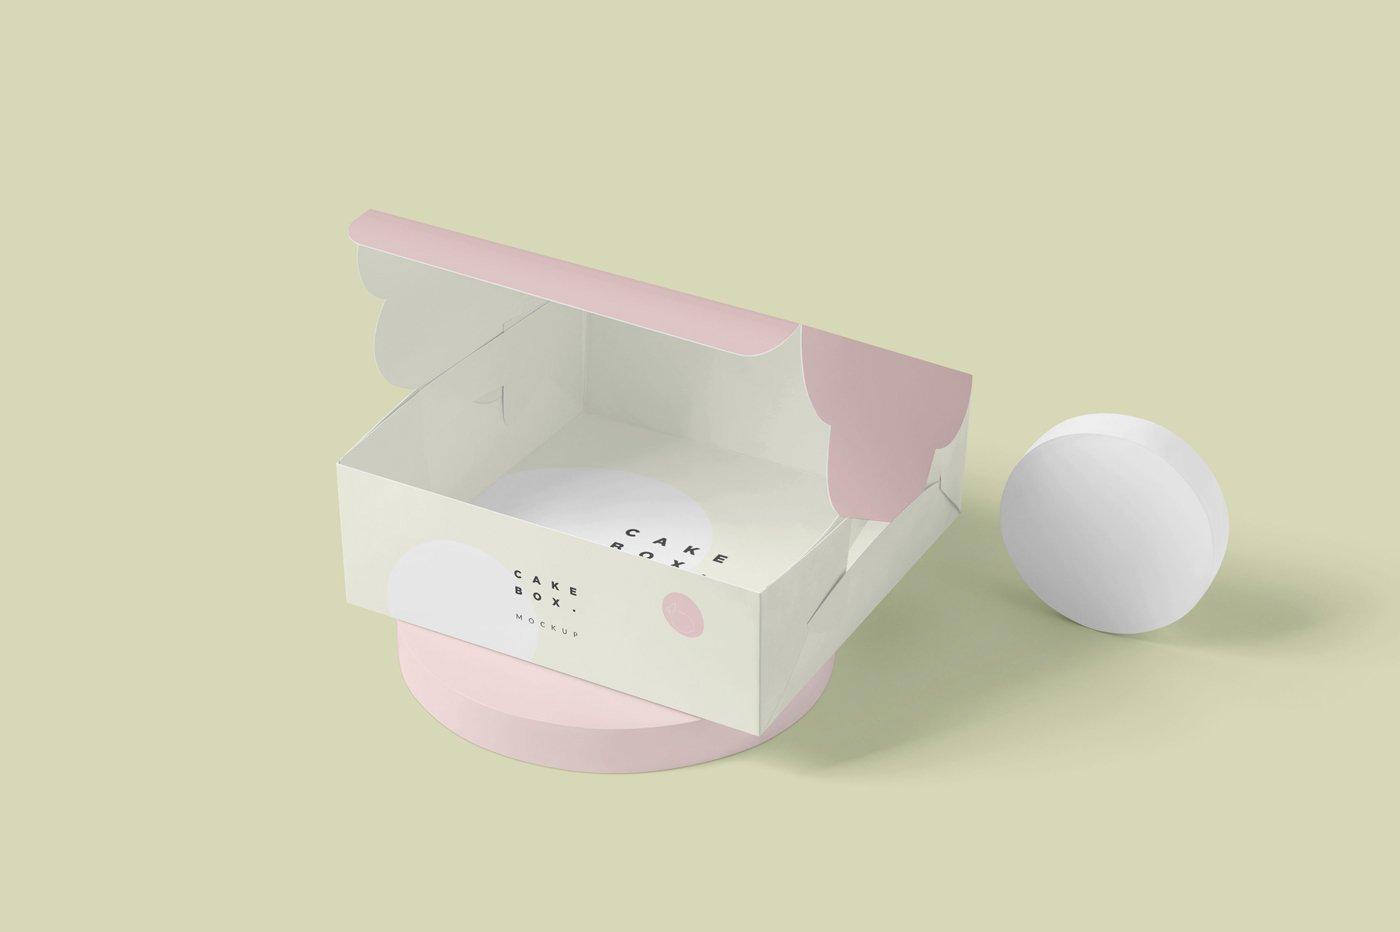 方形蛋糕纸板盒设计展示样机 Large Square Cake Cardboard Box Mockups插图(1)